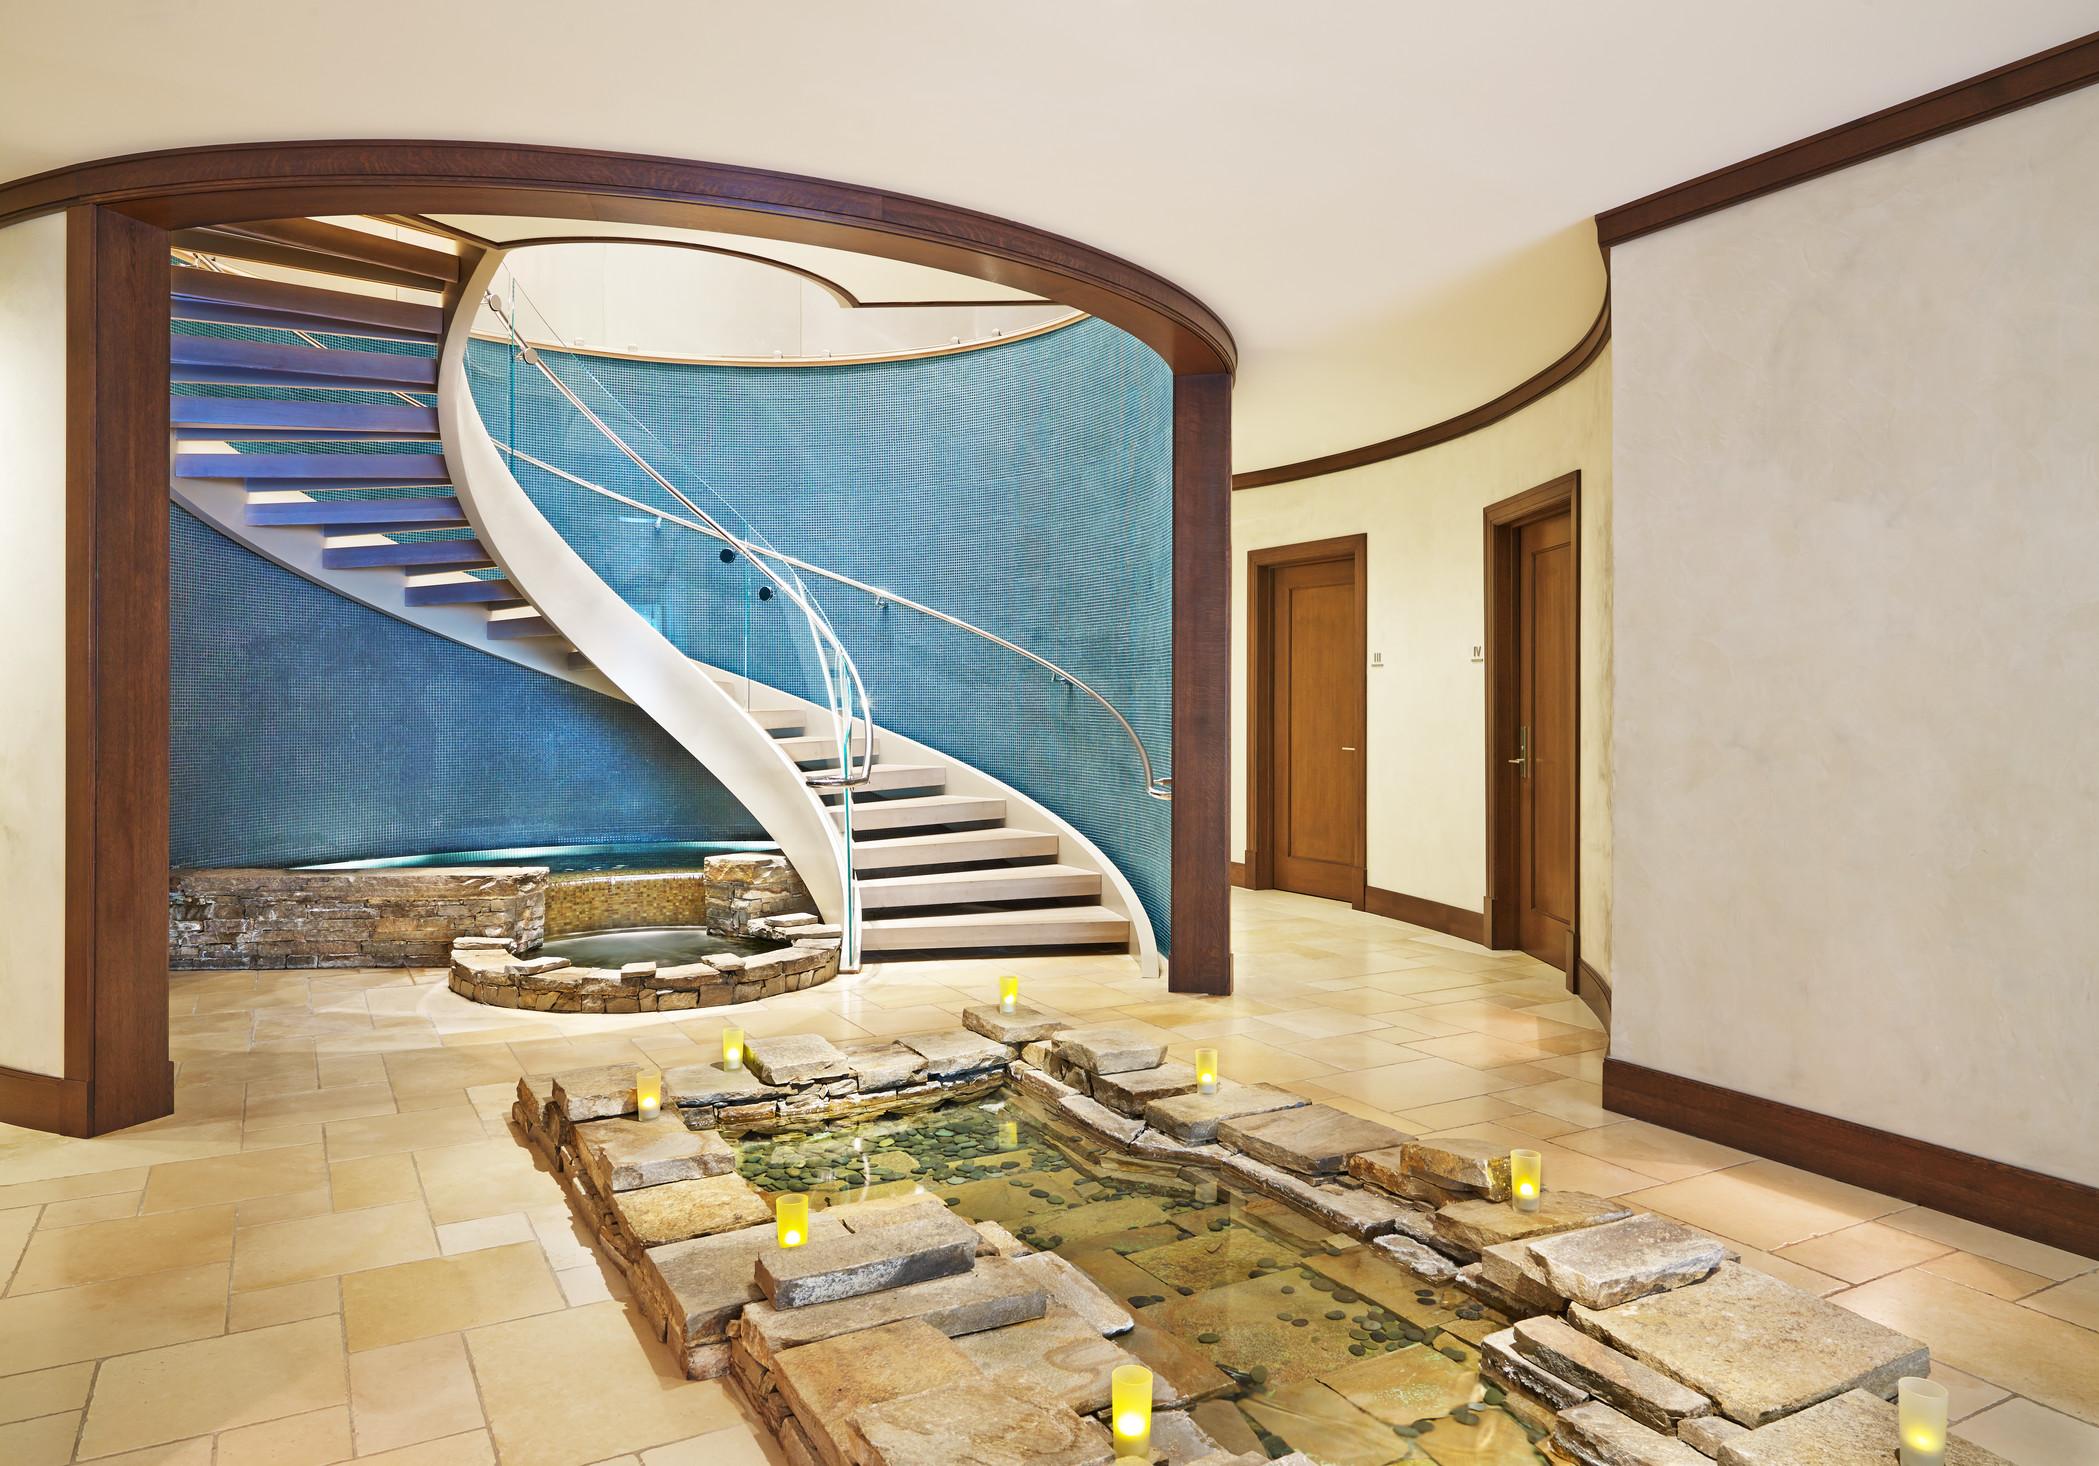 Property TheStRegisDeerValleyRemedeSpa Spa StRegisSpa CreditStRegisDeerValley